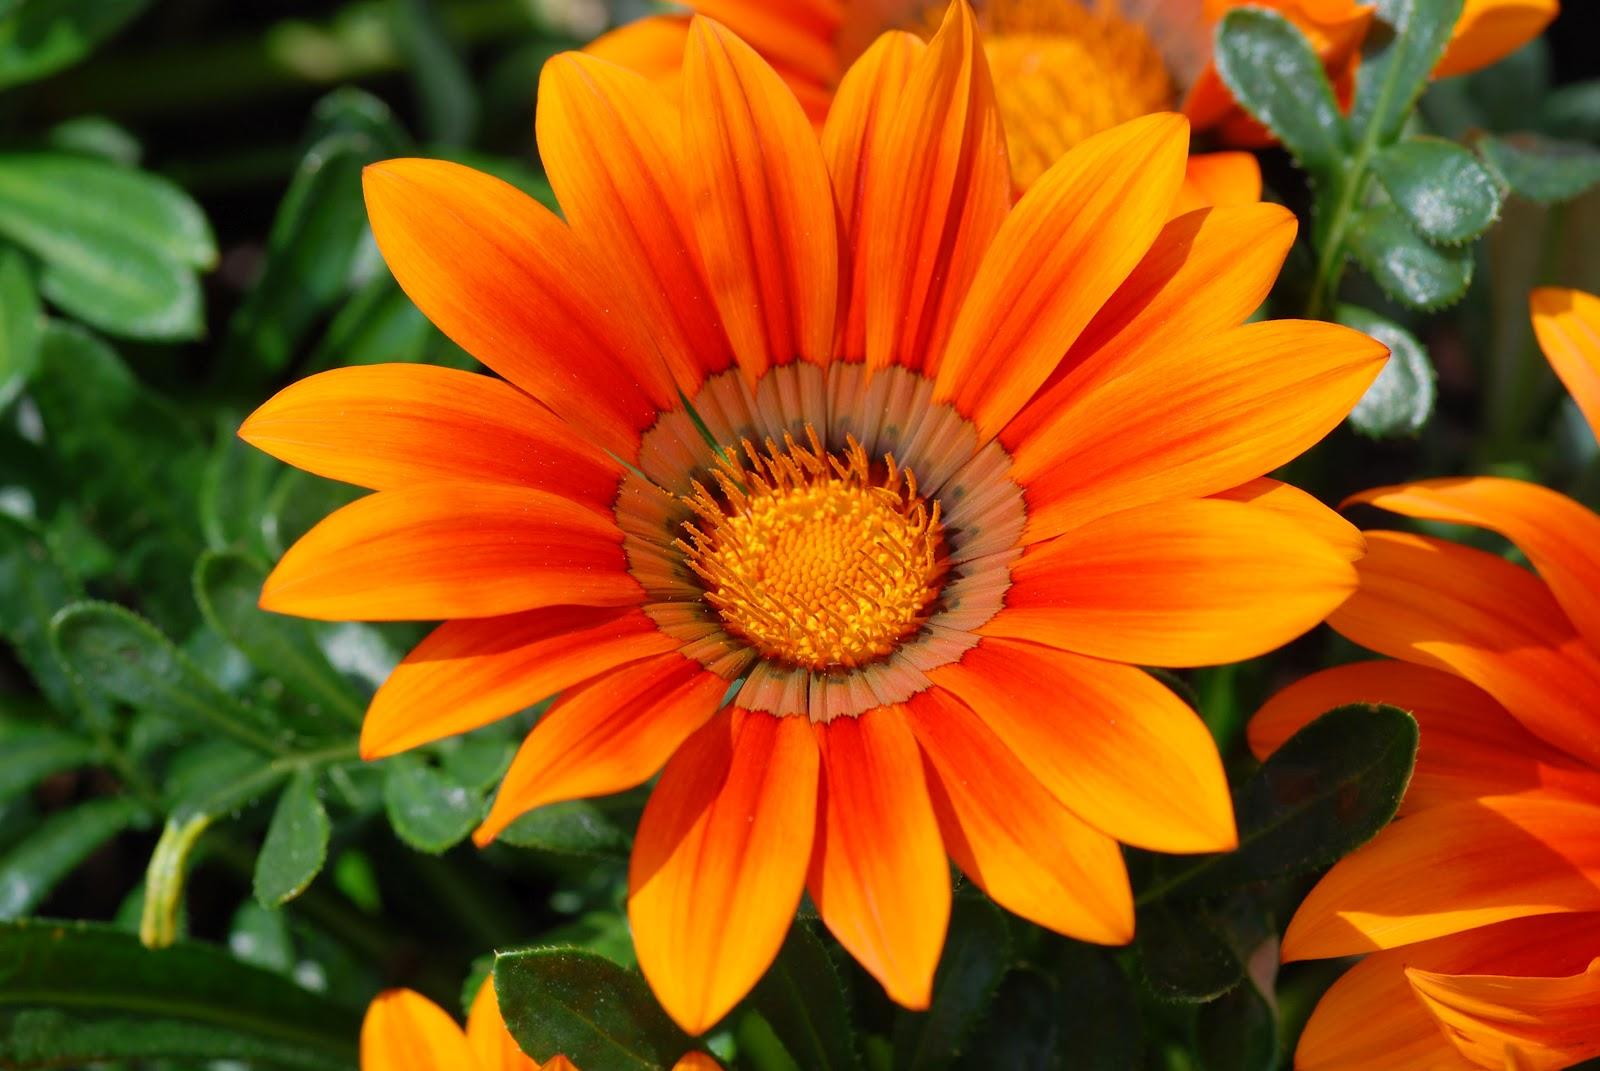 grappige afbeeldingen: afbeeldingen bloemen; oranje bloem